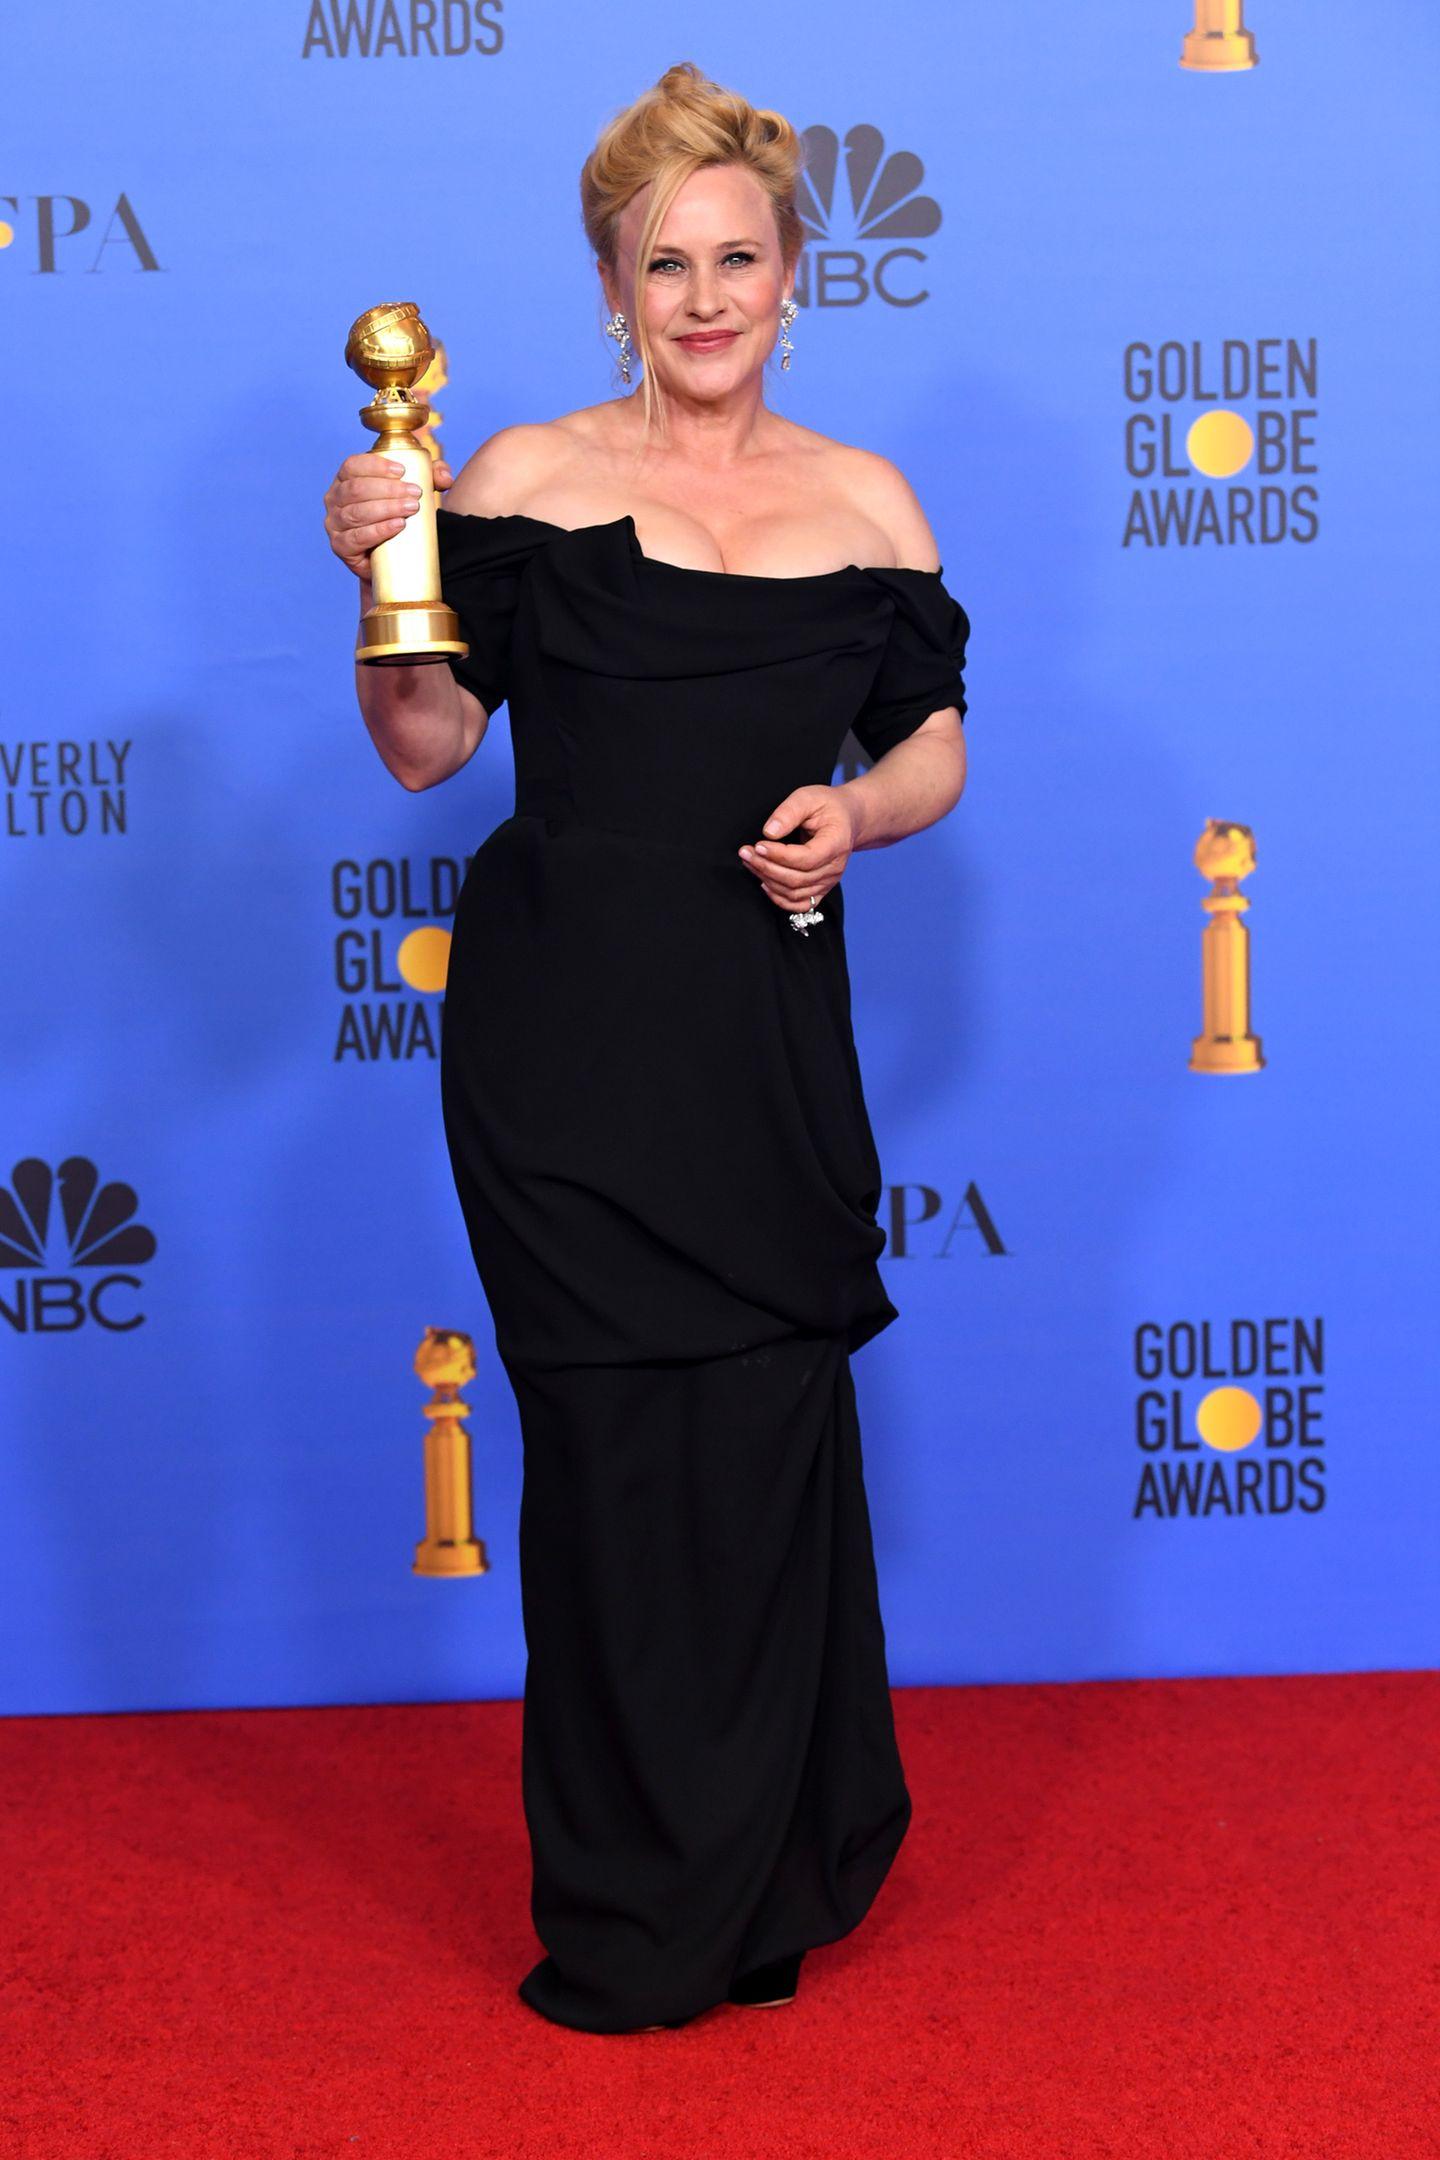 Elegant und sexy in Schwarz zeigt sich Golden-Globe-Gewinnerin Patrica Arquette.